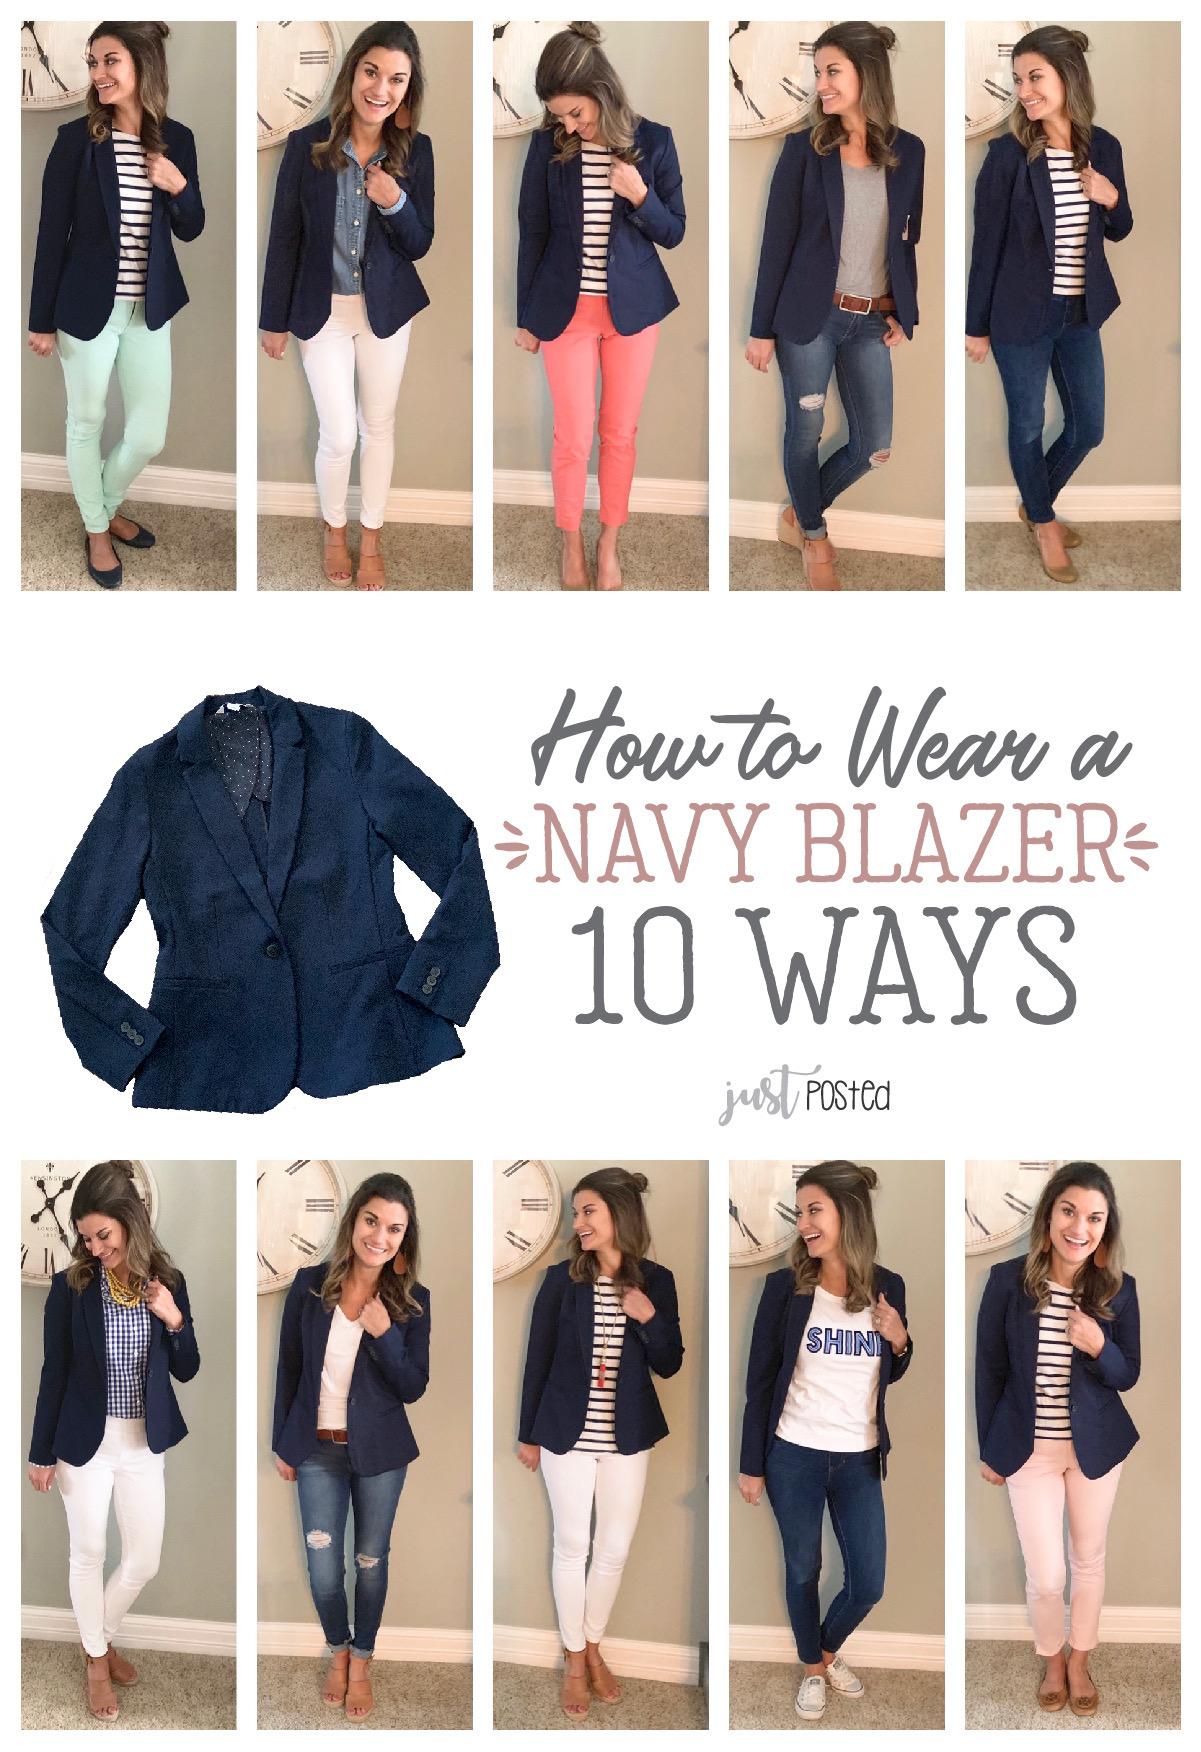 One Navy Blazer, Ten Ways – Just Posted